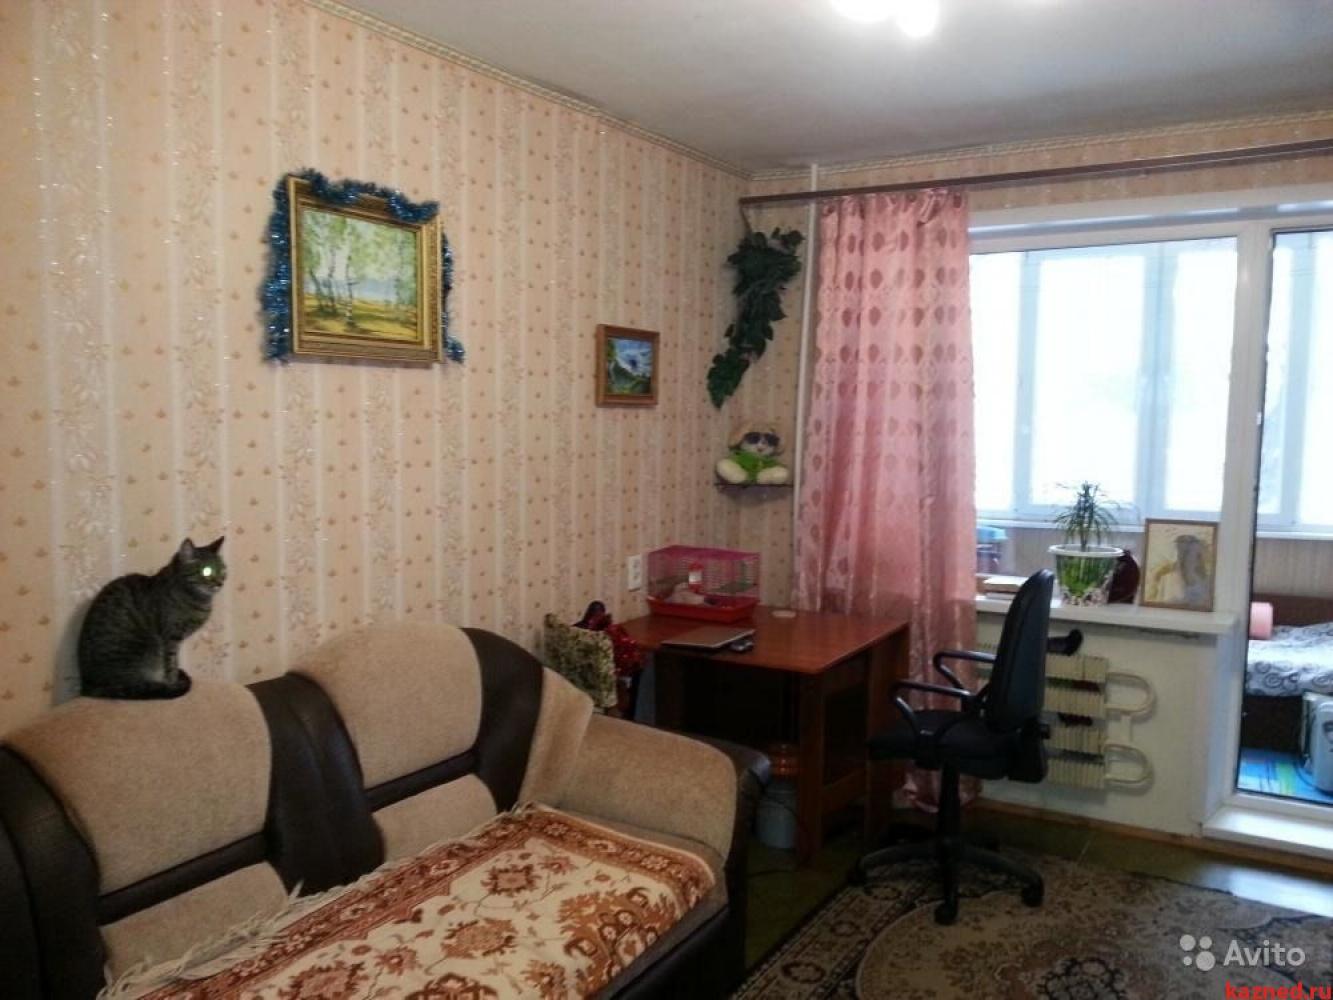 Продажа 3-к квартиры Фатыха Амирхана, 10, 68 м²  (миниатюра №2)